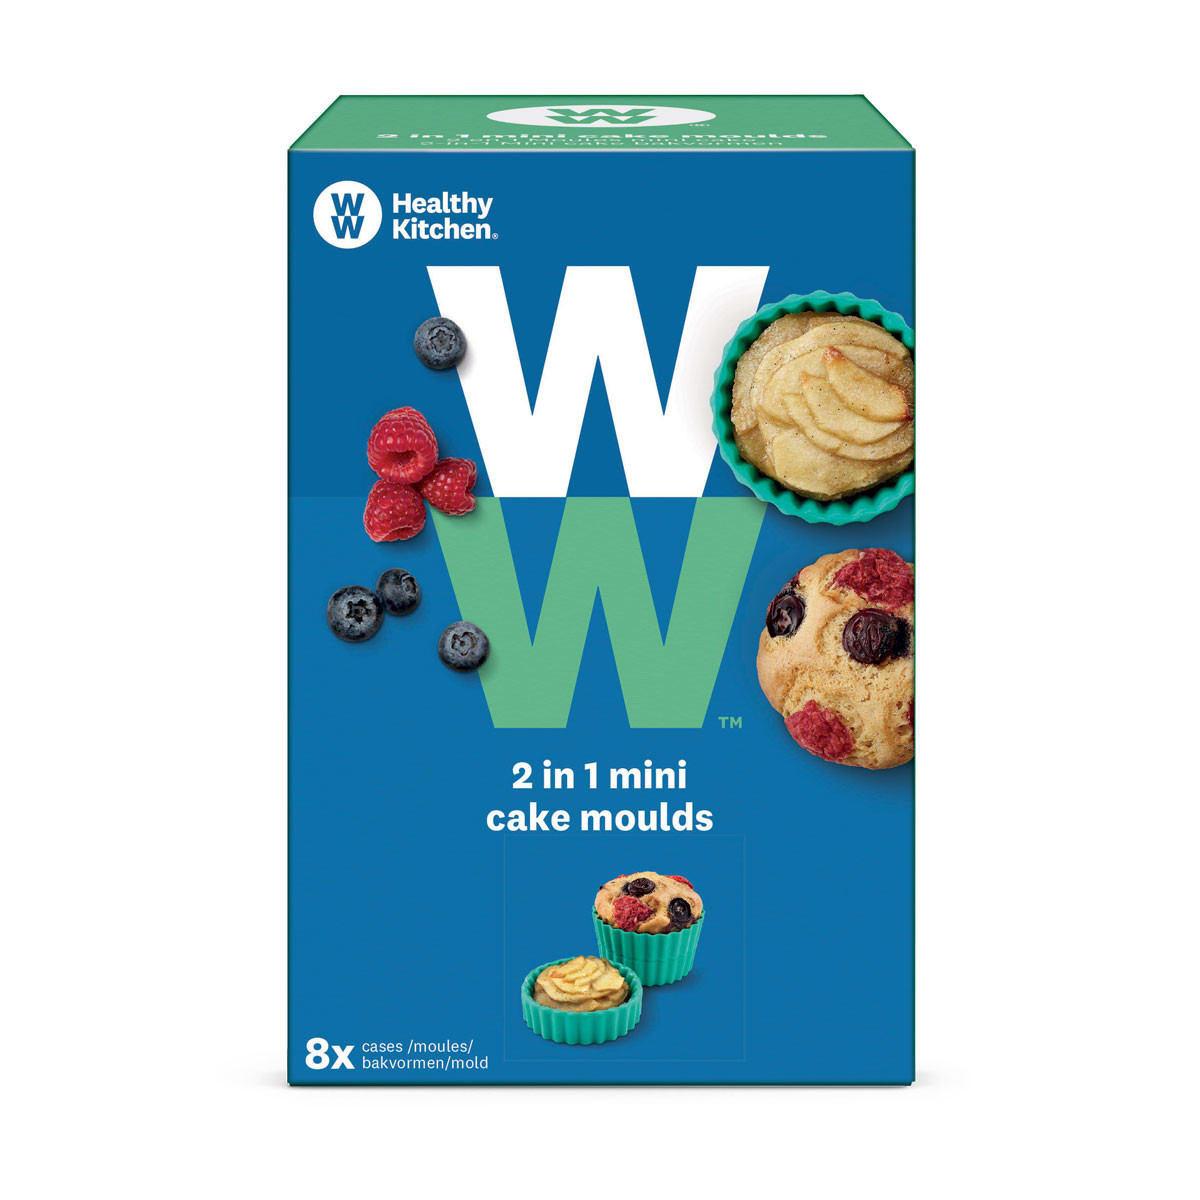 WW Muffinförmchen 2 in 1 aus Silikon in blauer und grüner, eckiger Verpackung mit Produktbild